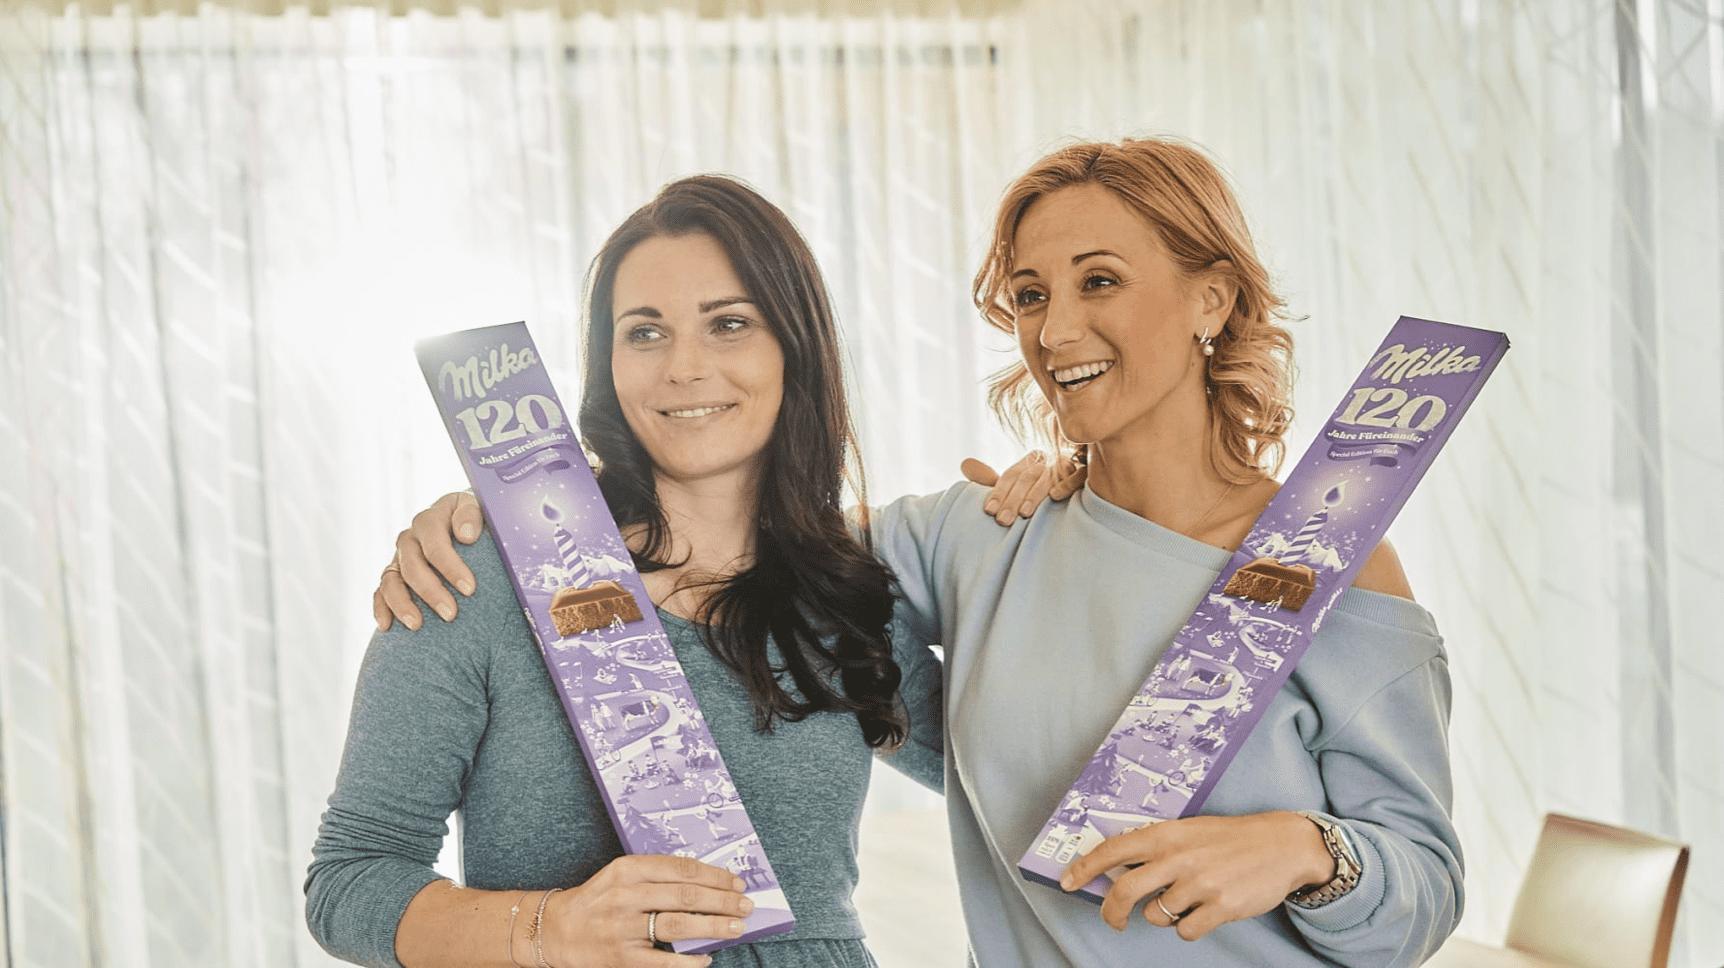 """Gewinnspiel-Cases """"FMCG Süßwaren & Snacks"""" Milka"""